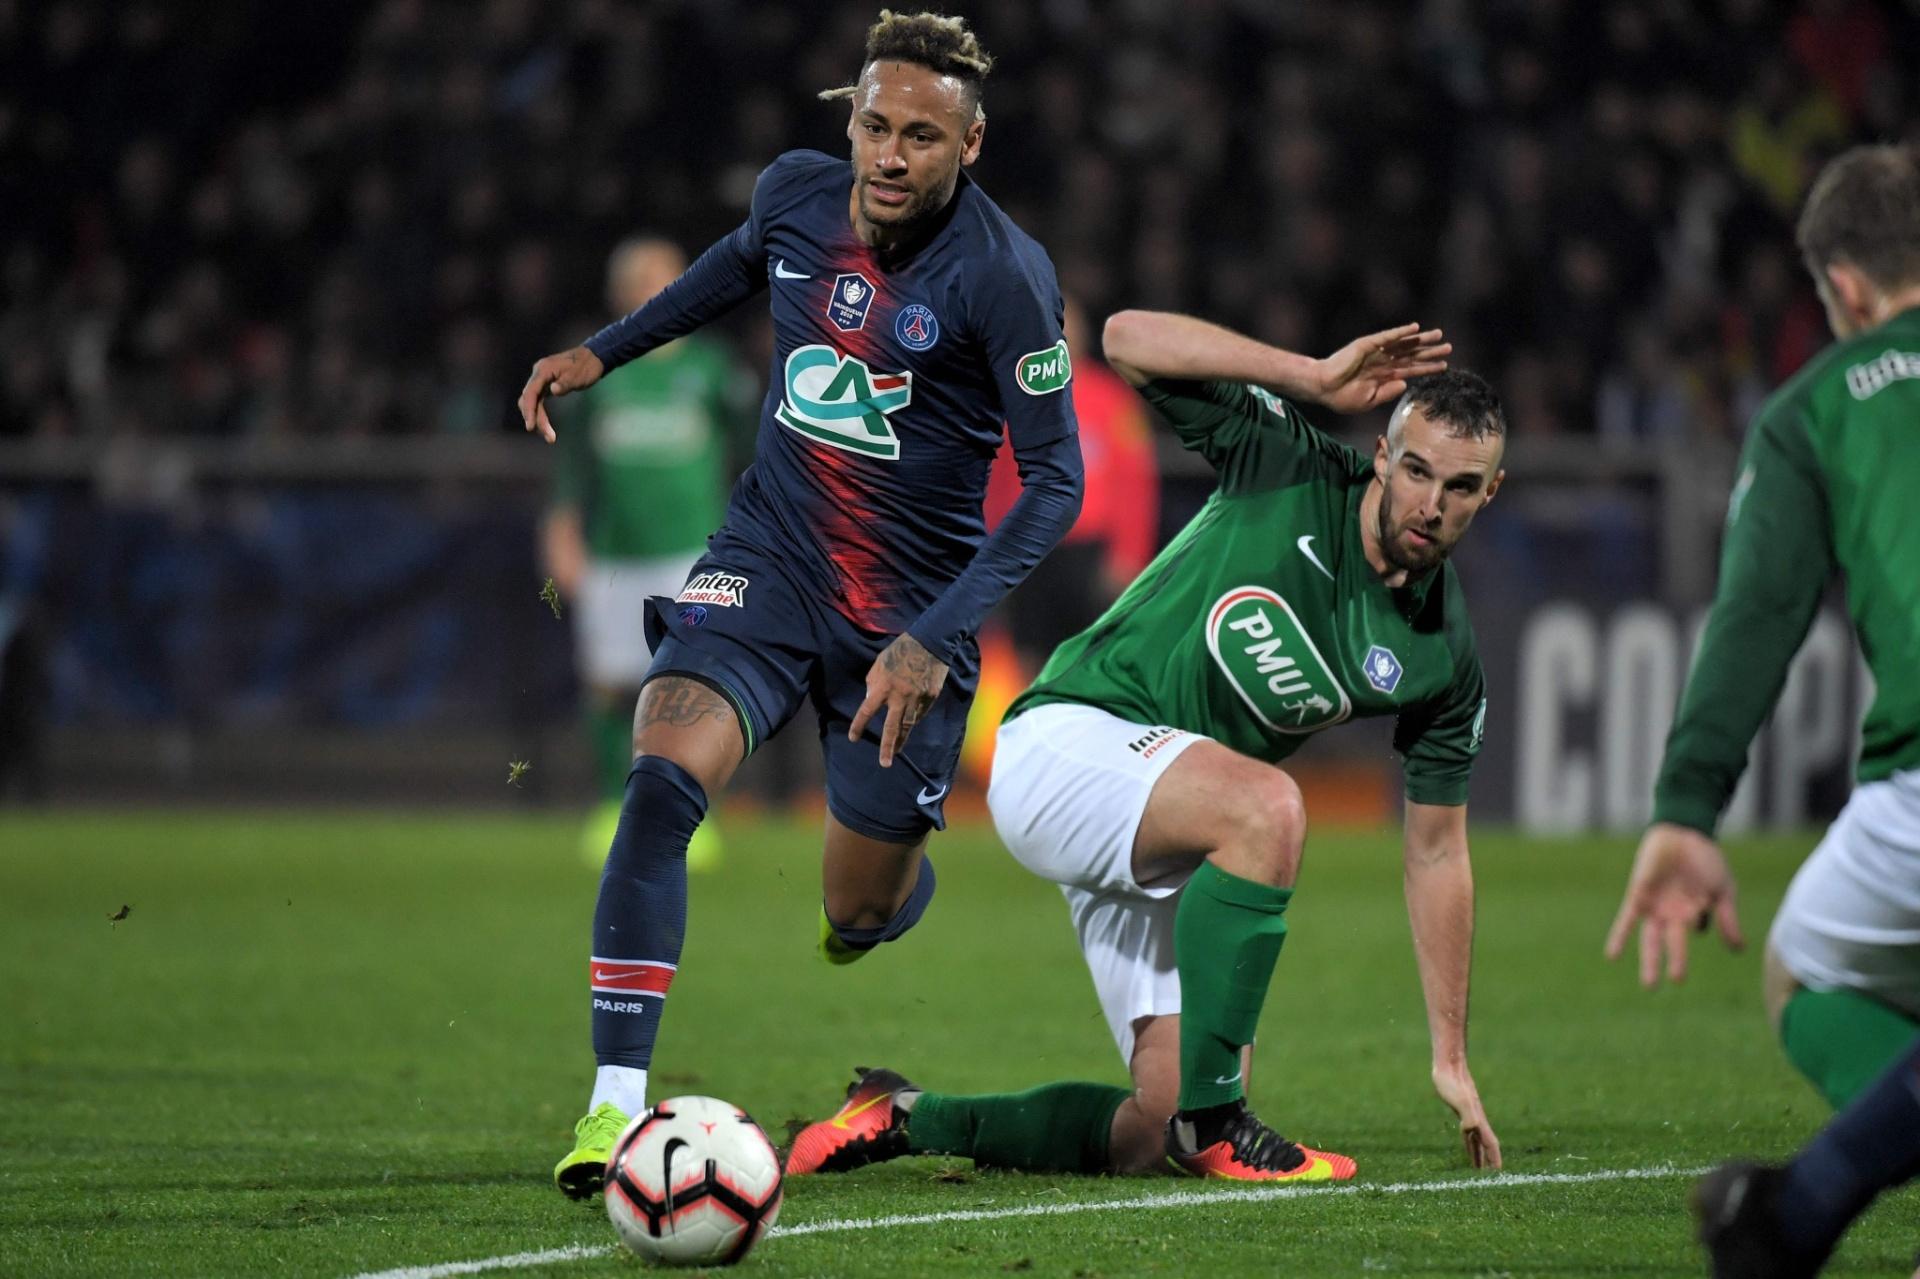 Técnico diz que Neymar está feliz e quer mostrar ser capaz de liderar o PSG  - Esporte - BOL ebbab837ffc8e